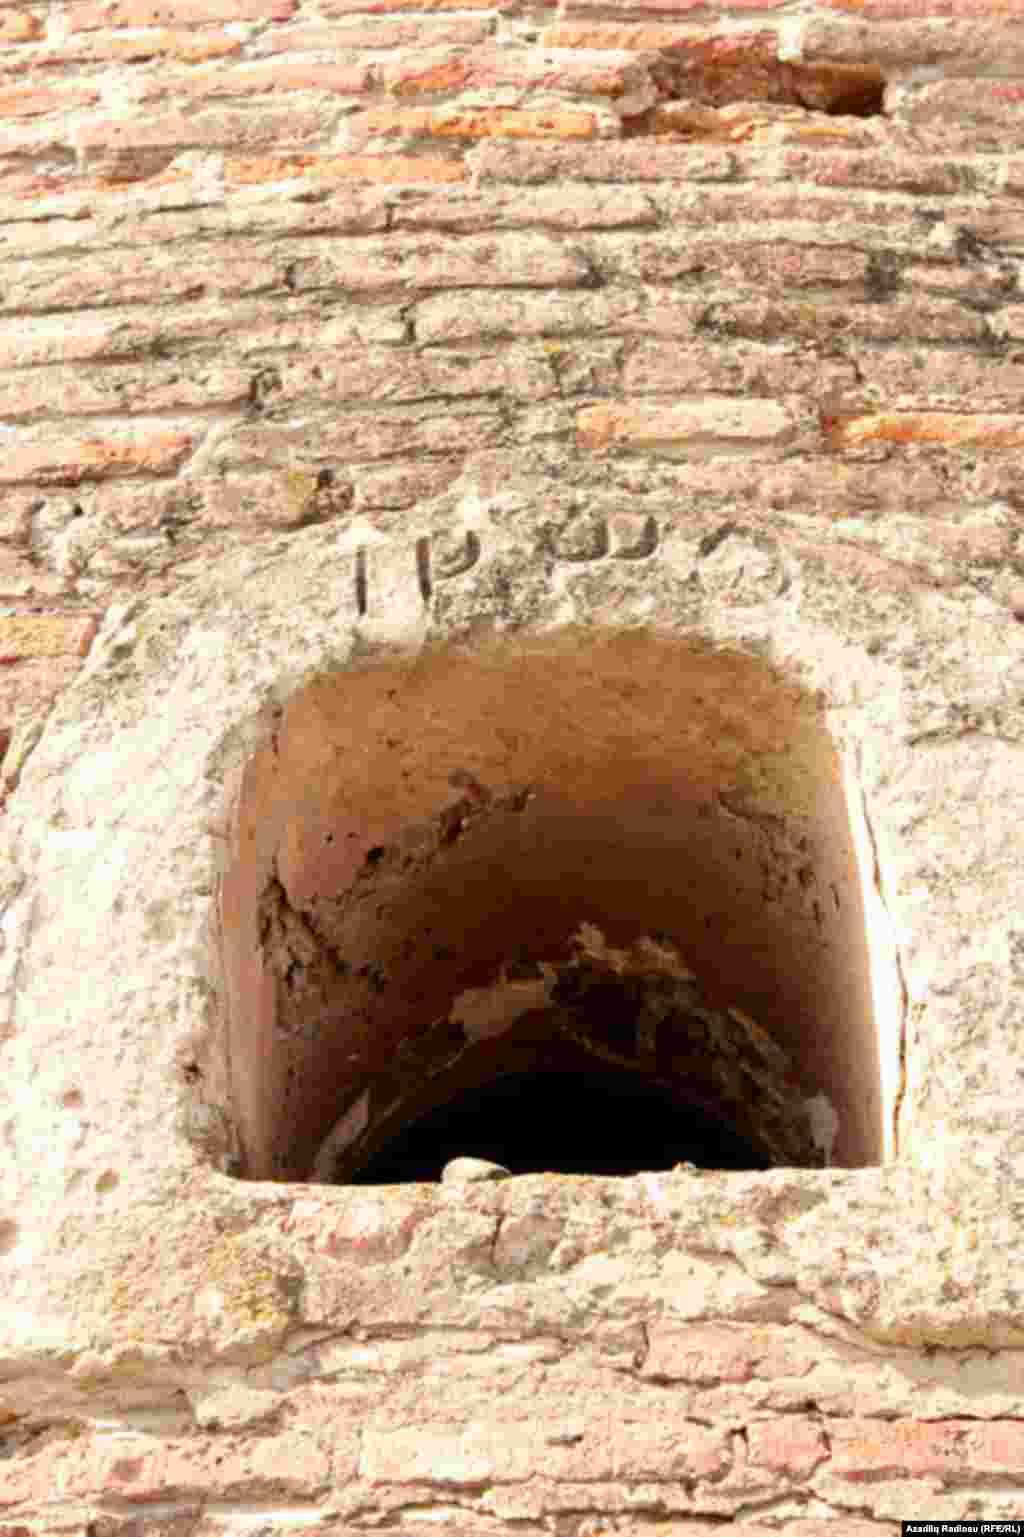 Hamamın divarında Hicri-Qəməri tarixi olaraq 1235-ci il qeyd olunub. Həmin tarix isə indini 1435 olaraq göstərir. Divarında həkk olmuş tarixə inansaq hamamın bu il 200 ili tamam olur.